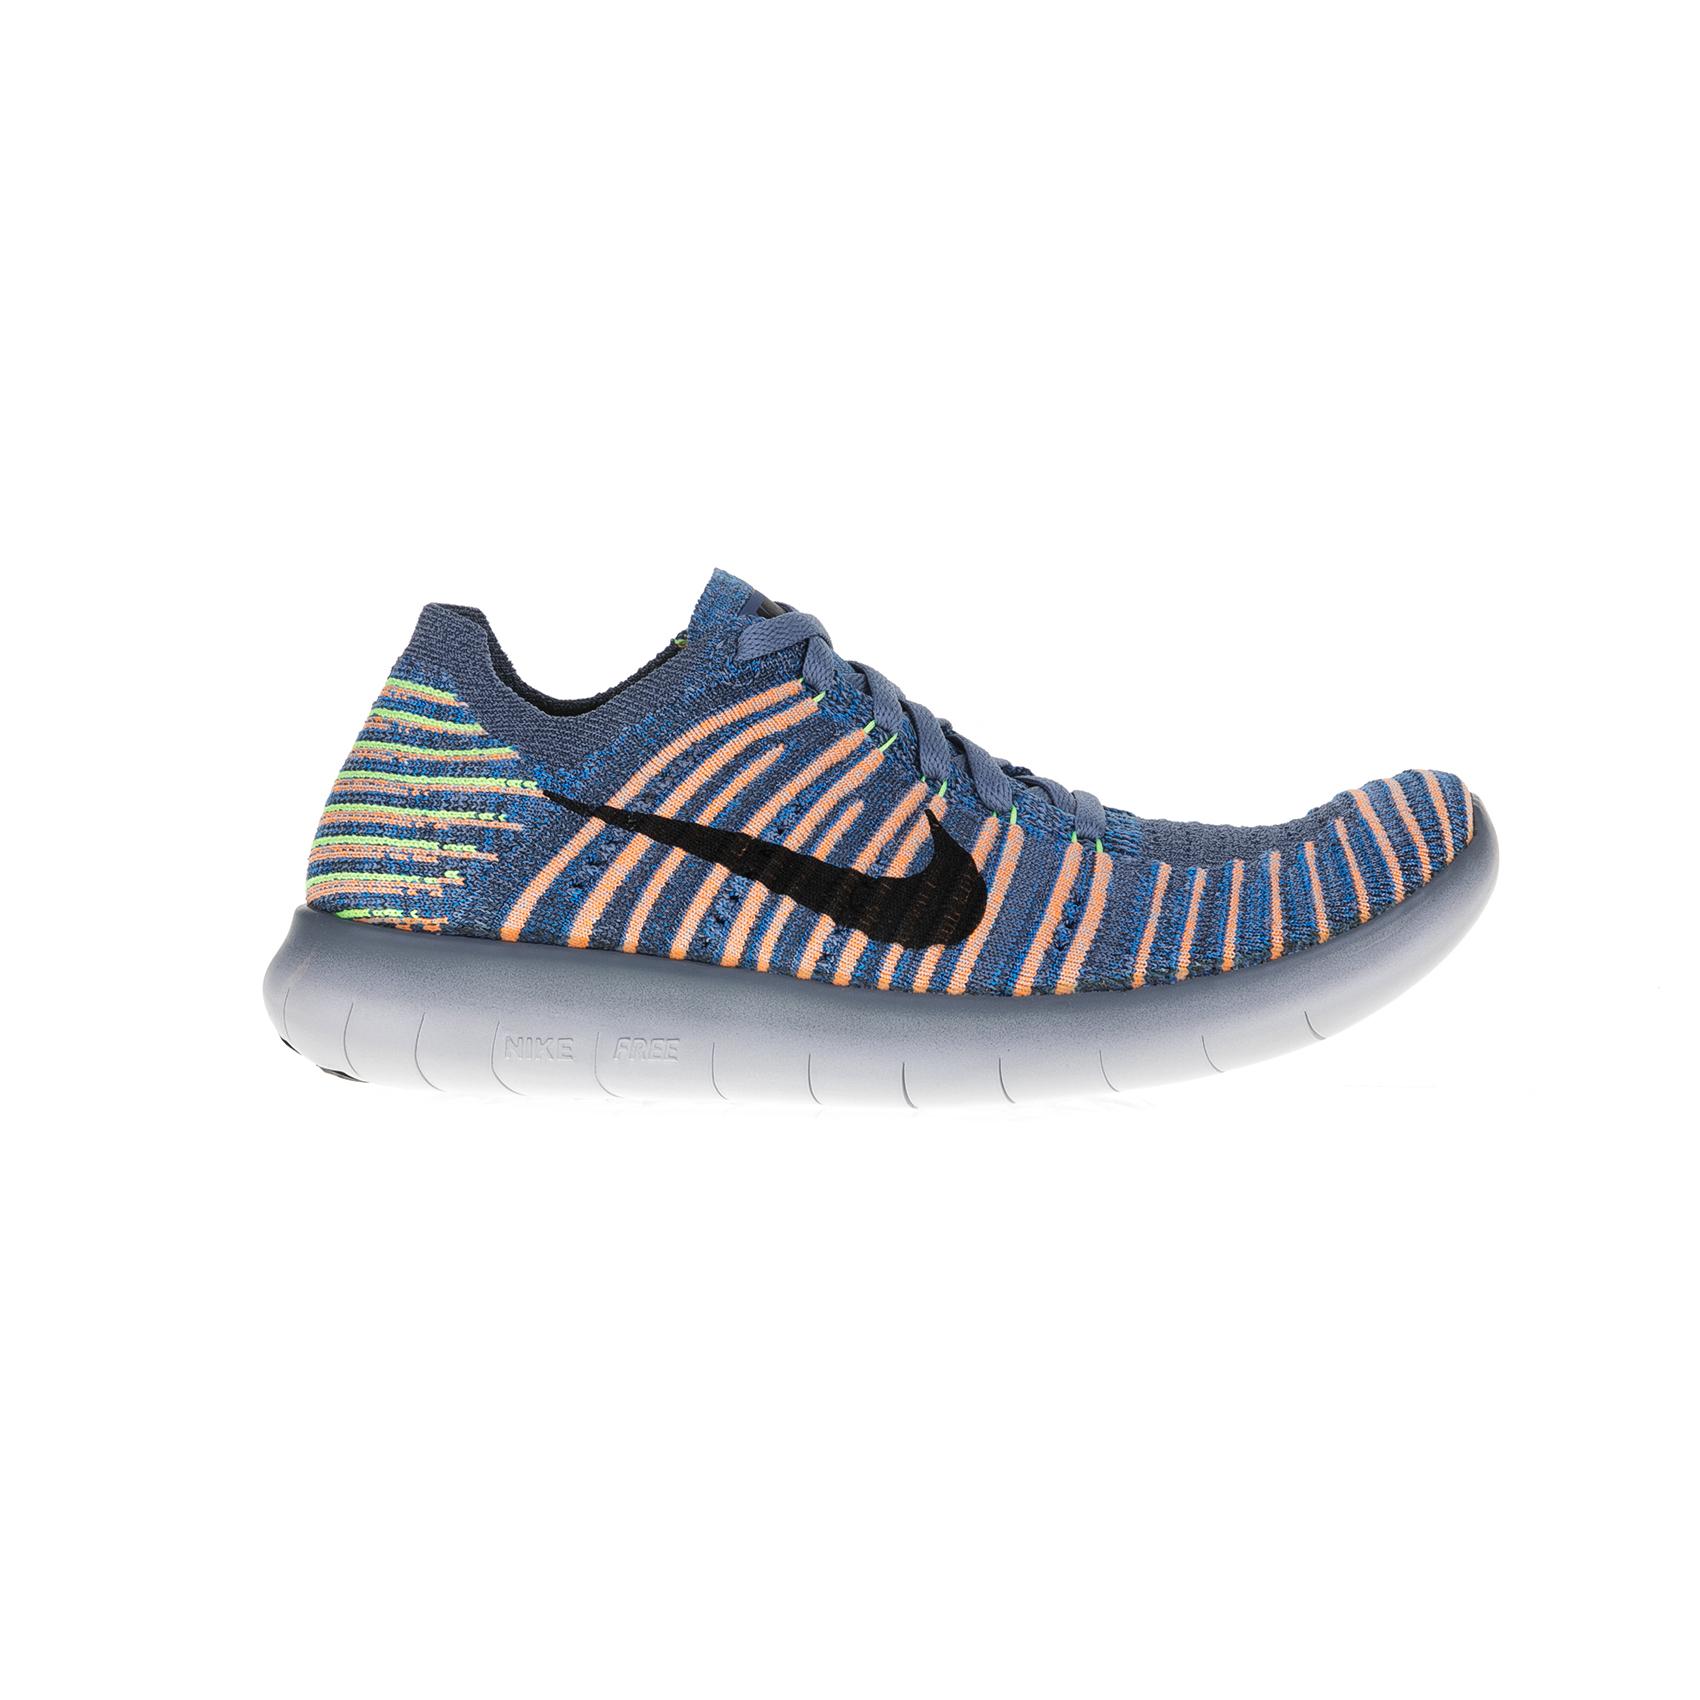 NIKE – Παιδικά αθλητικά παπούτσια Nike FREE RN FLYKNIT (GS) γκρι – πορτοκαλί